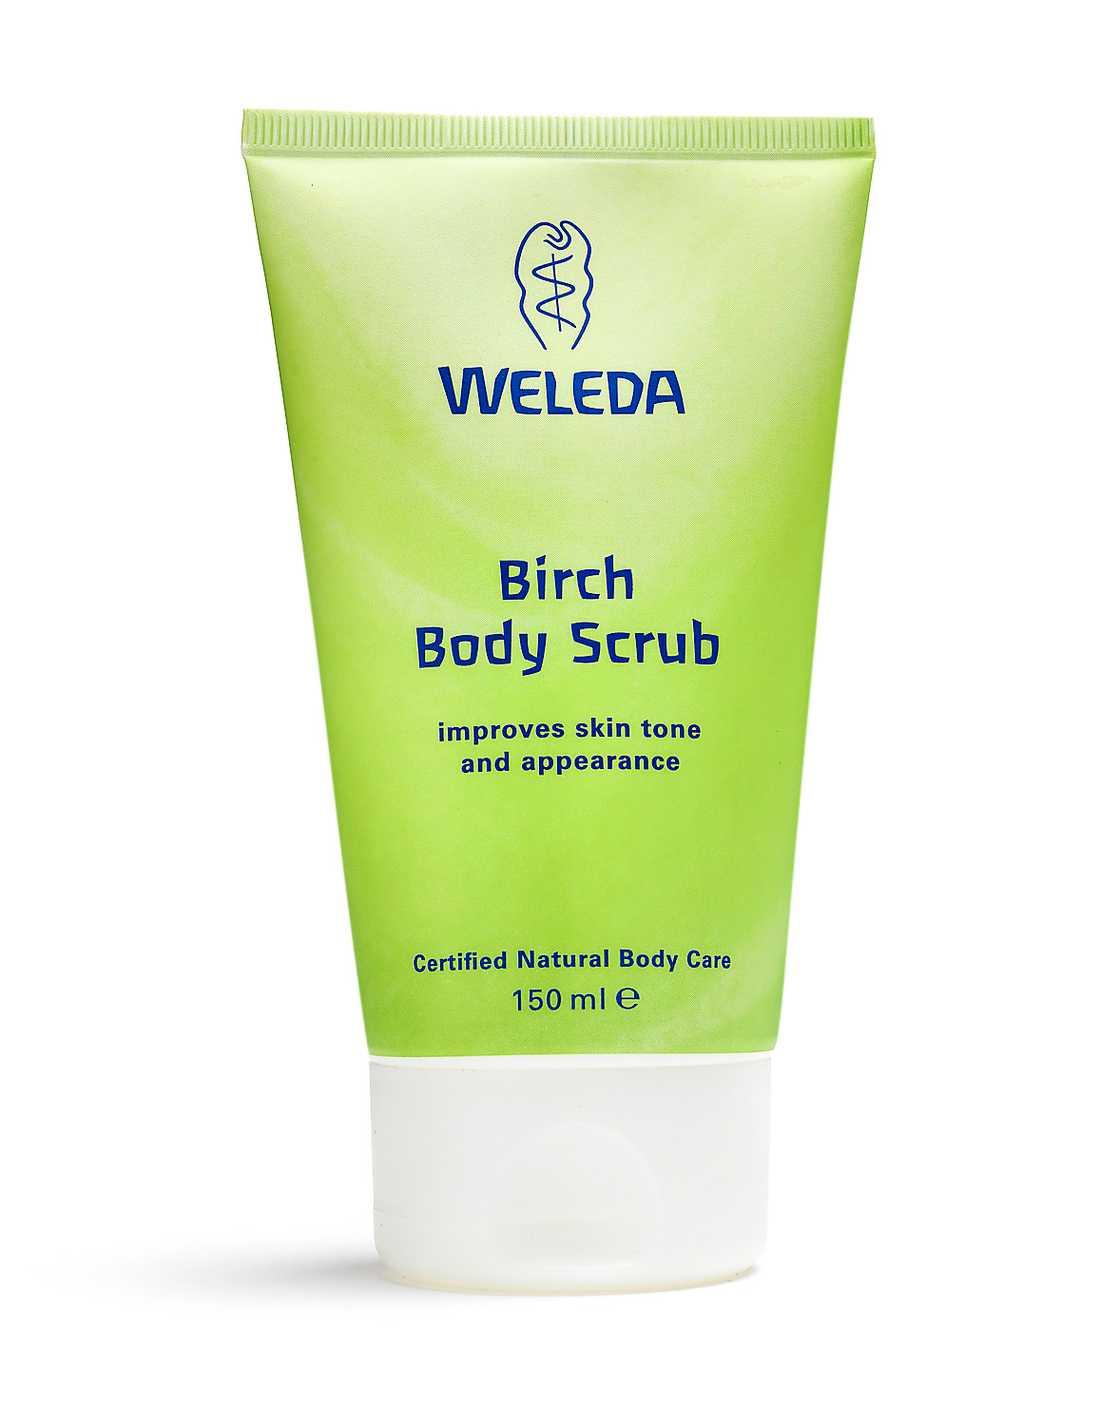 """Peeling Peeling med vaxpärlor skrubbar huden samtidigt som den  återfuktas med naturliga oljor. """"Birch body scrub"""" från Weleda kostar 149 kronor."""